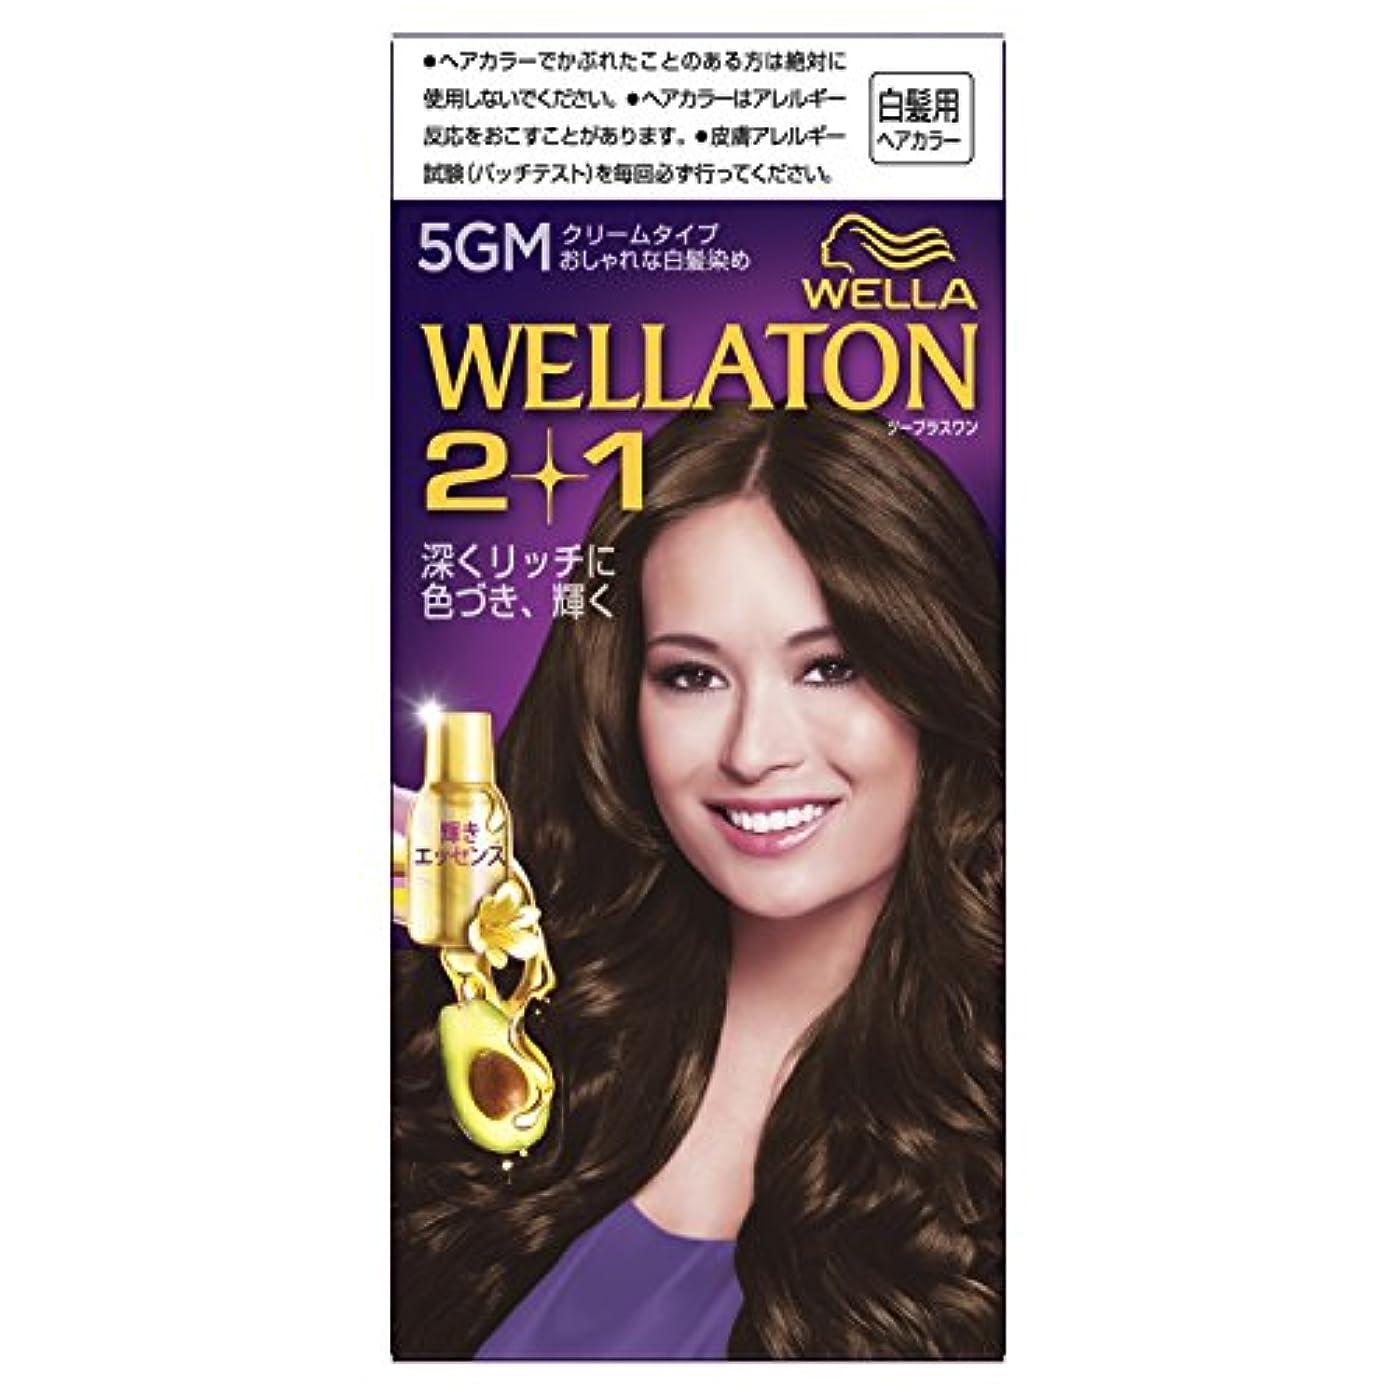 面白いフレキシブル国際ウエラトーン2+1 クリームタイプ 5GM [医薬部外品](おしゃれな白髪染め)